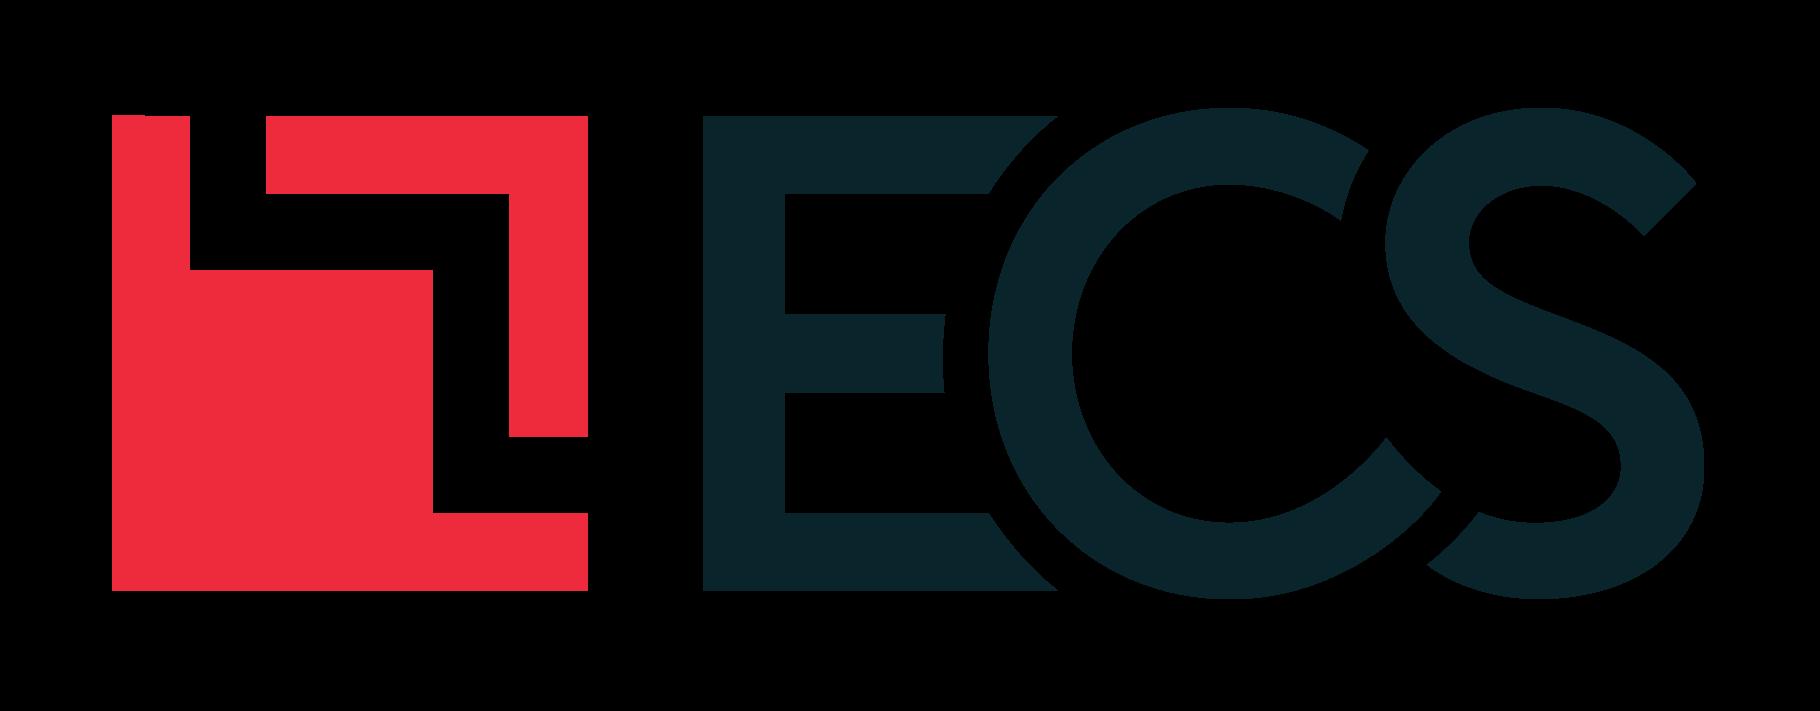 如何实现对集群任务最小影响的 ECS 容器实例自动化终止方案